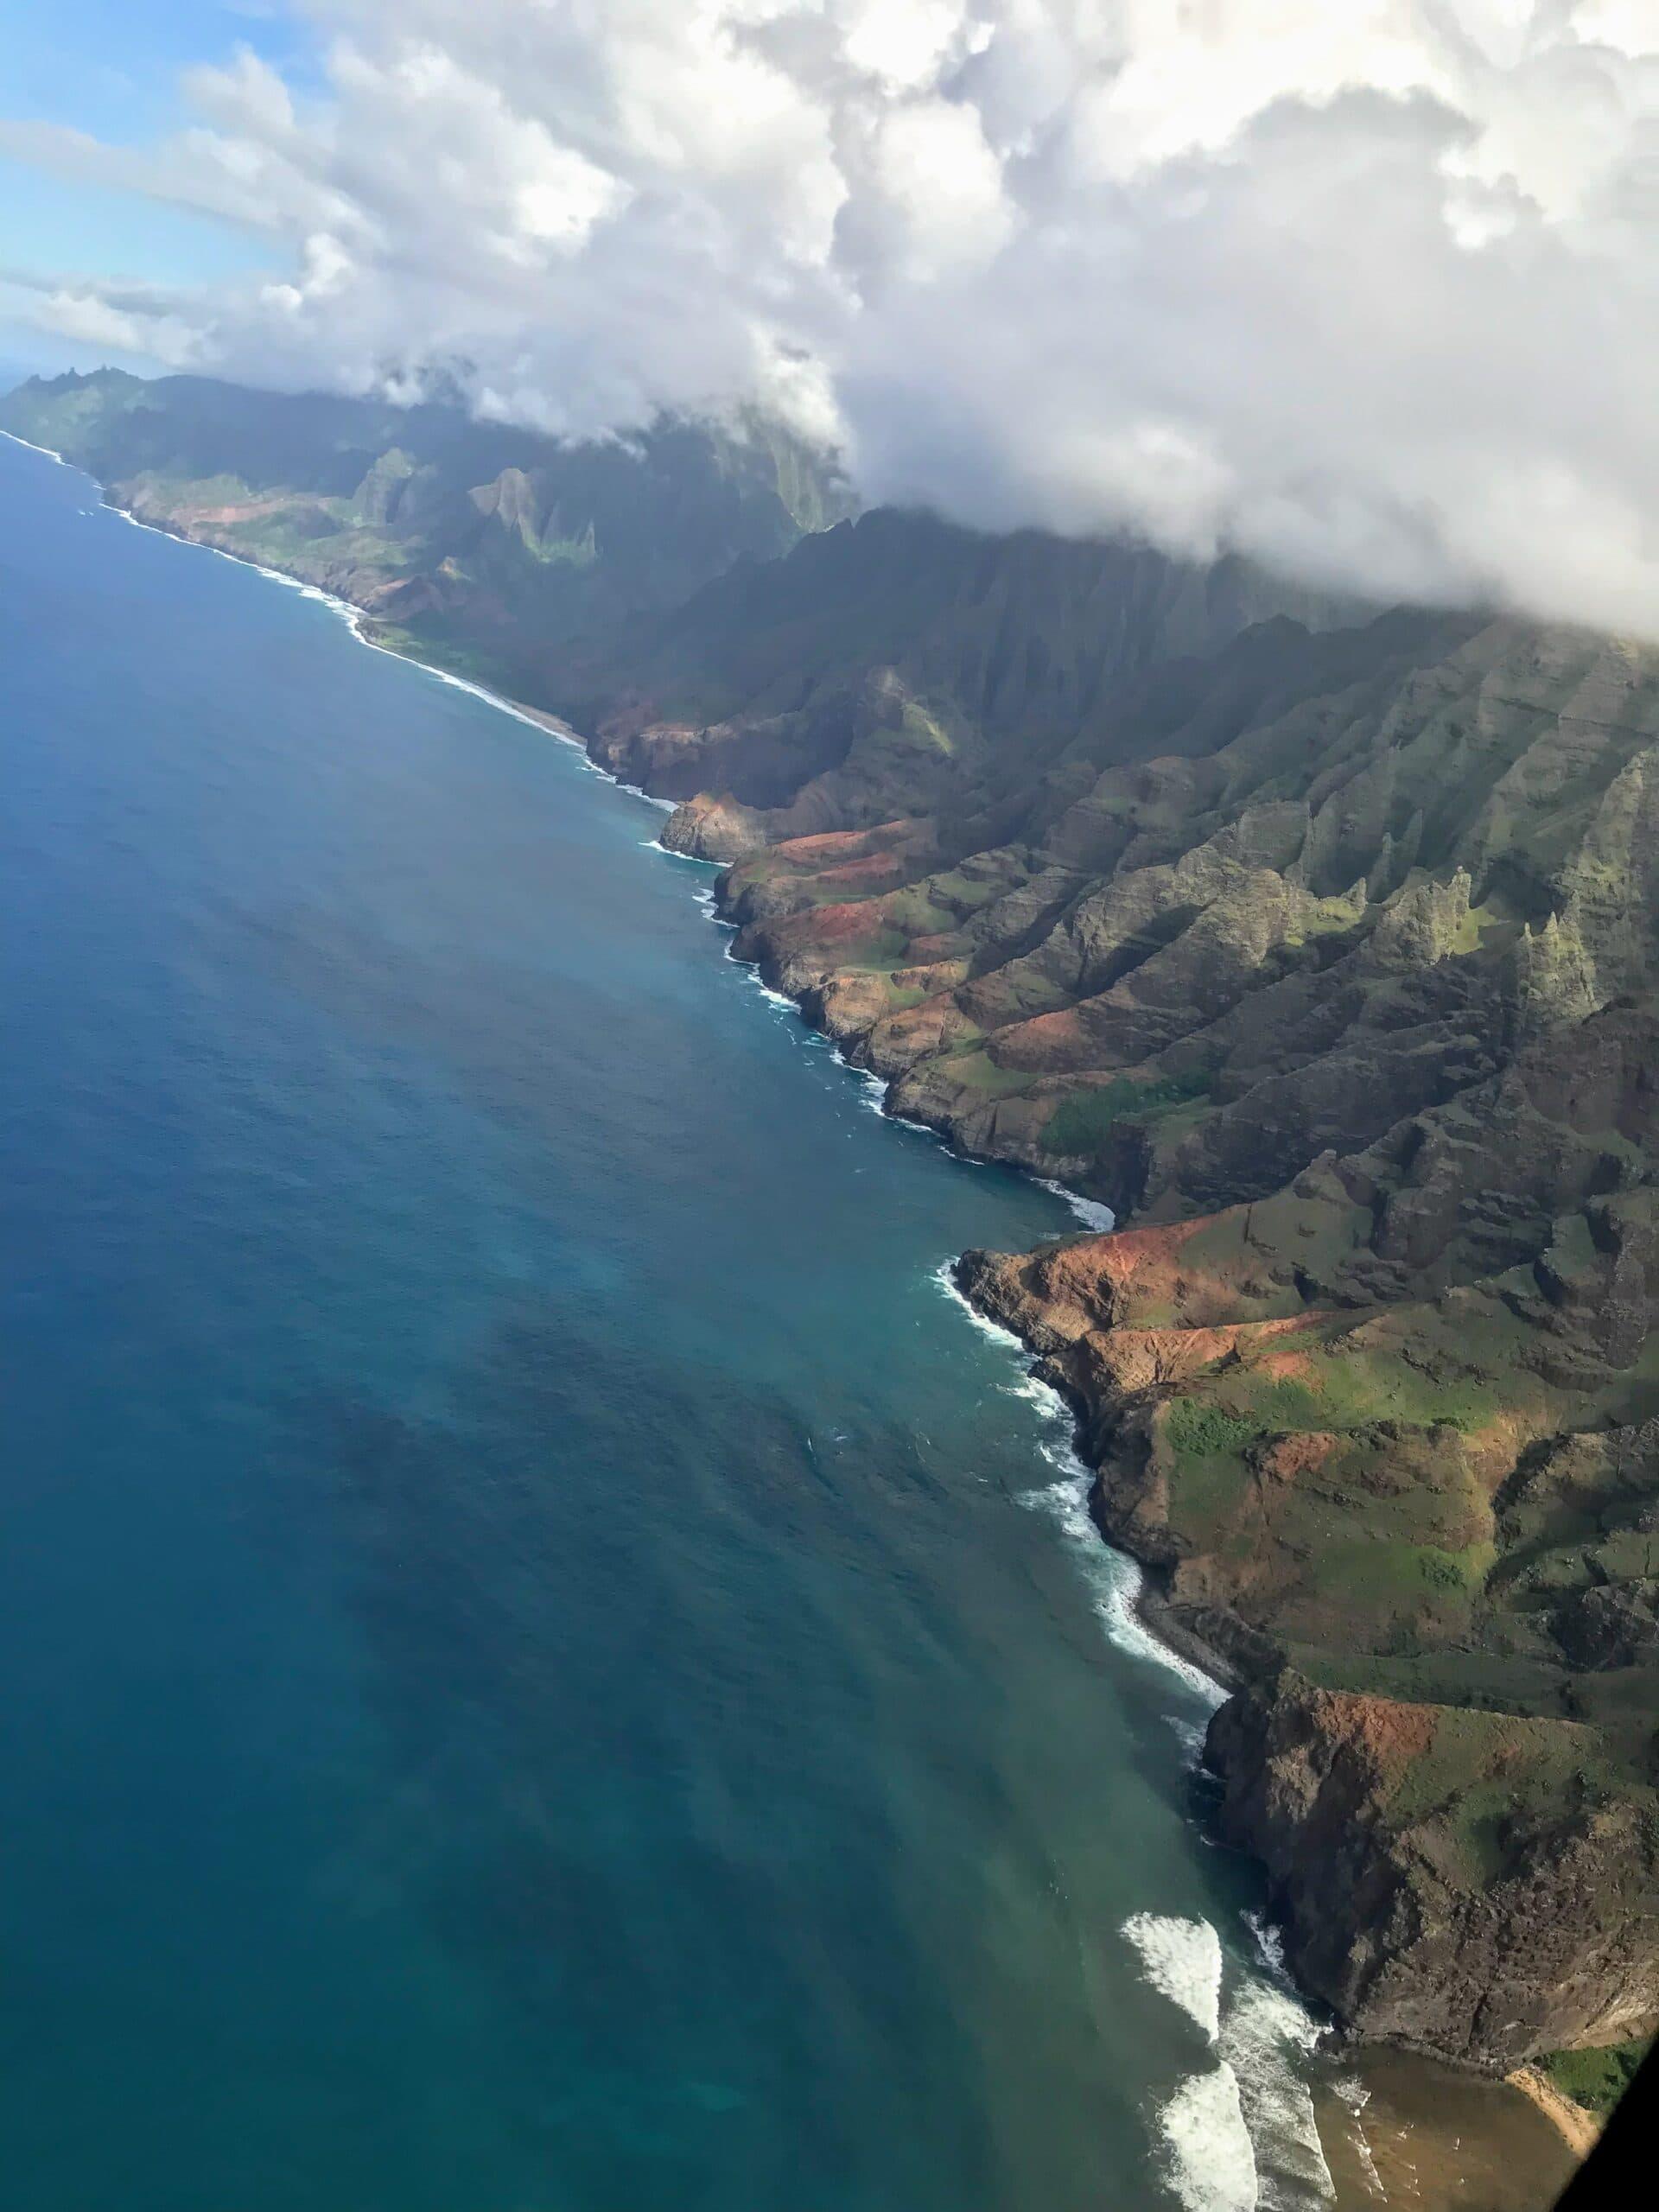 coastline of Kauaii